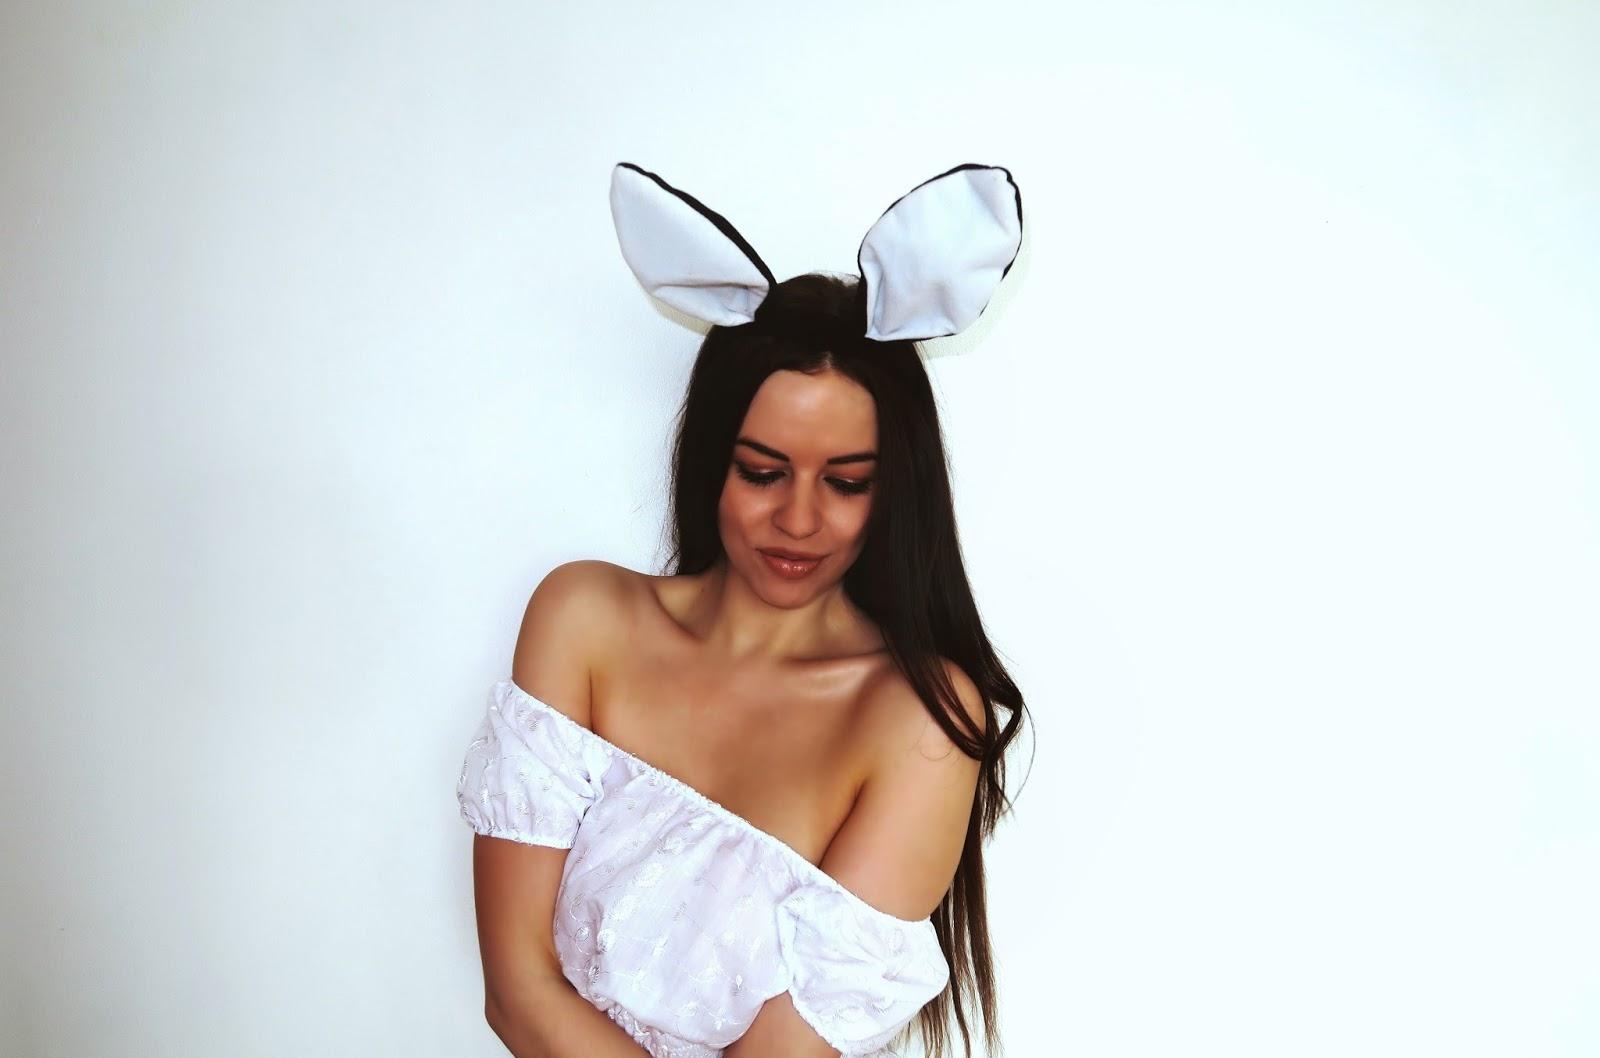 Easter-bunny @ hayleyeszti